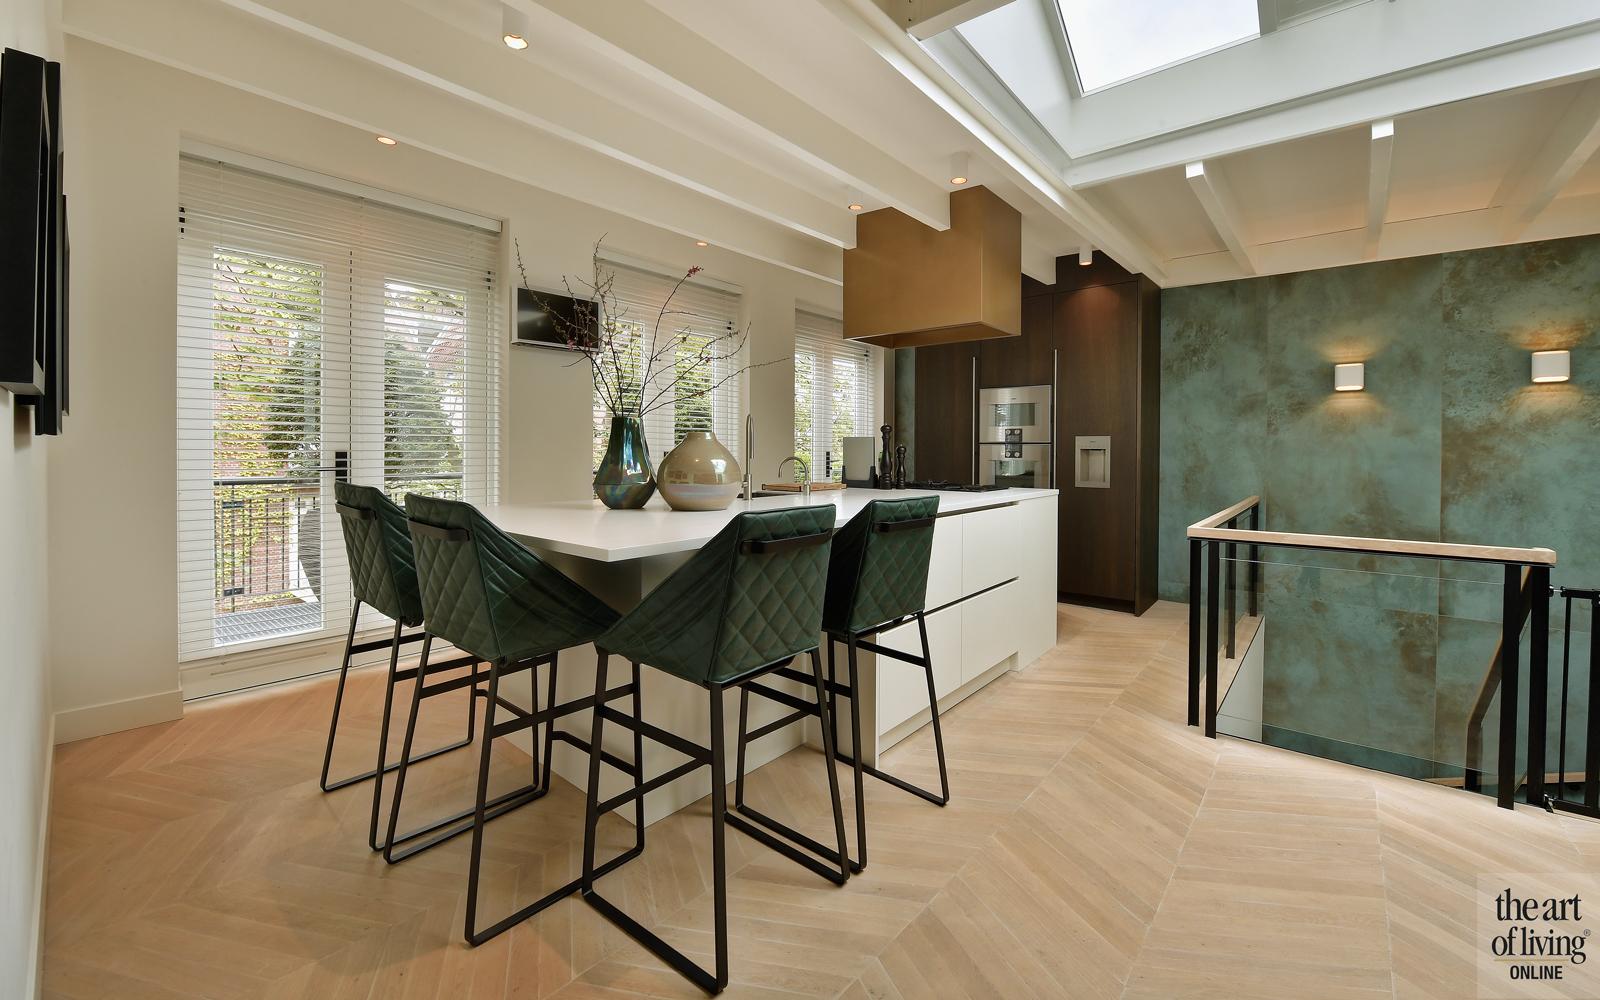 Penthouse, By Thimble, Keuken, Ontbijtbar, barkrukken, wandbekleding, Behang, houten vloer, open keuken